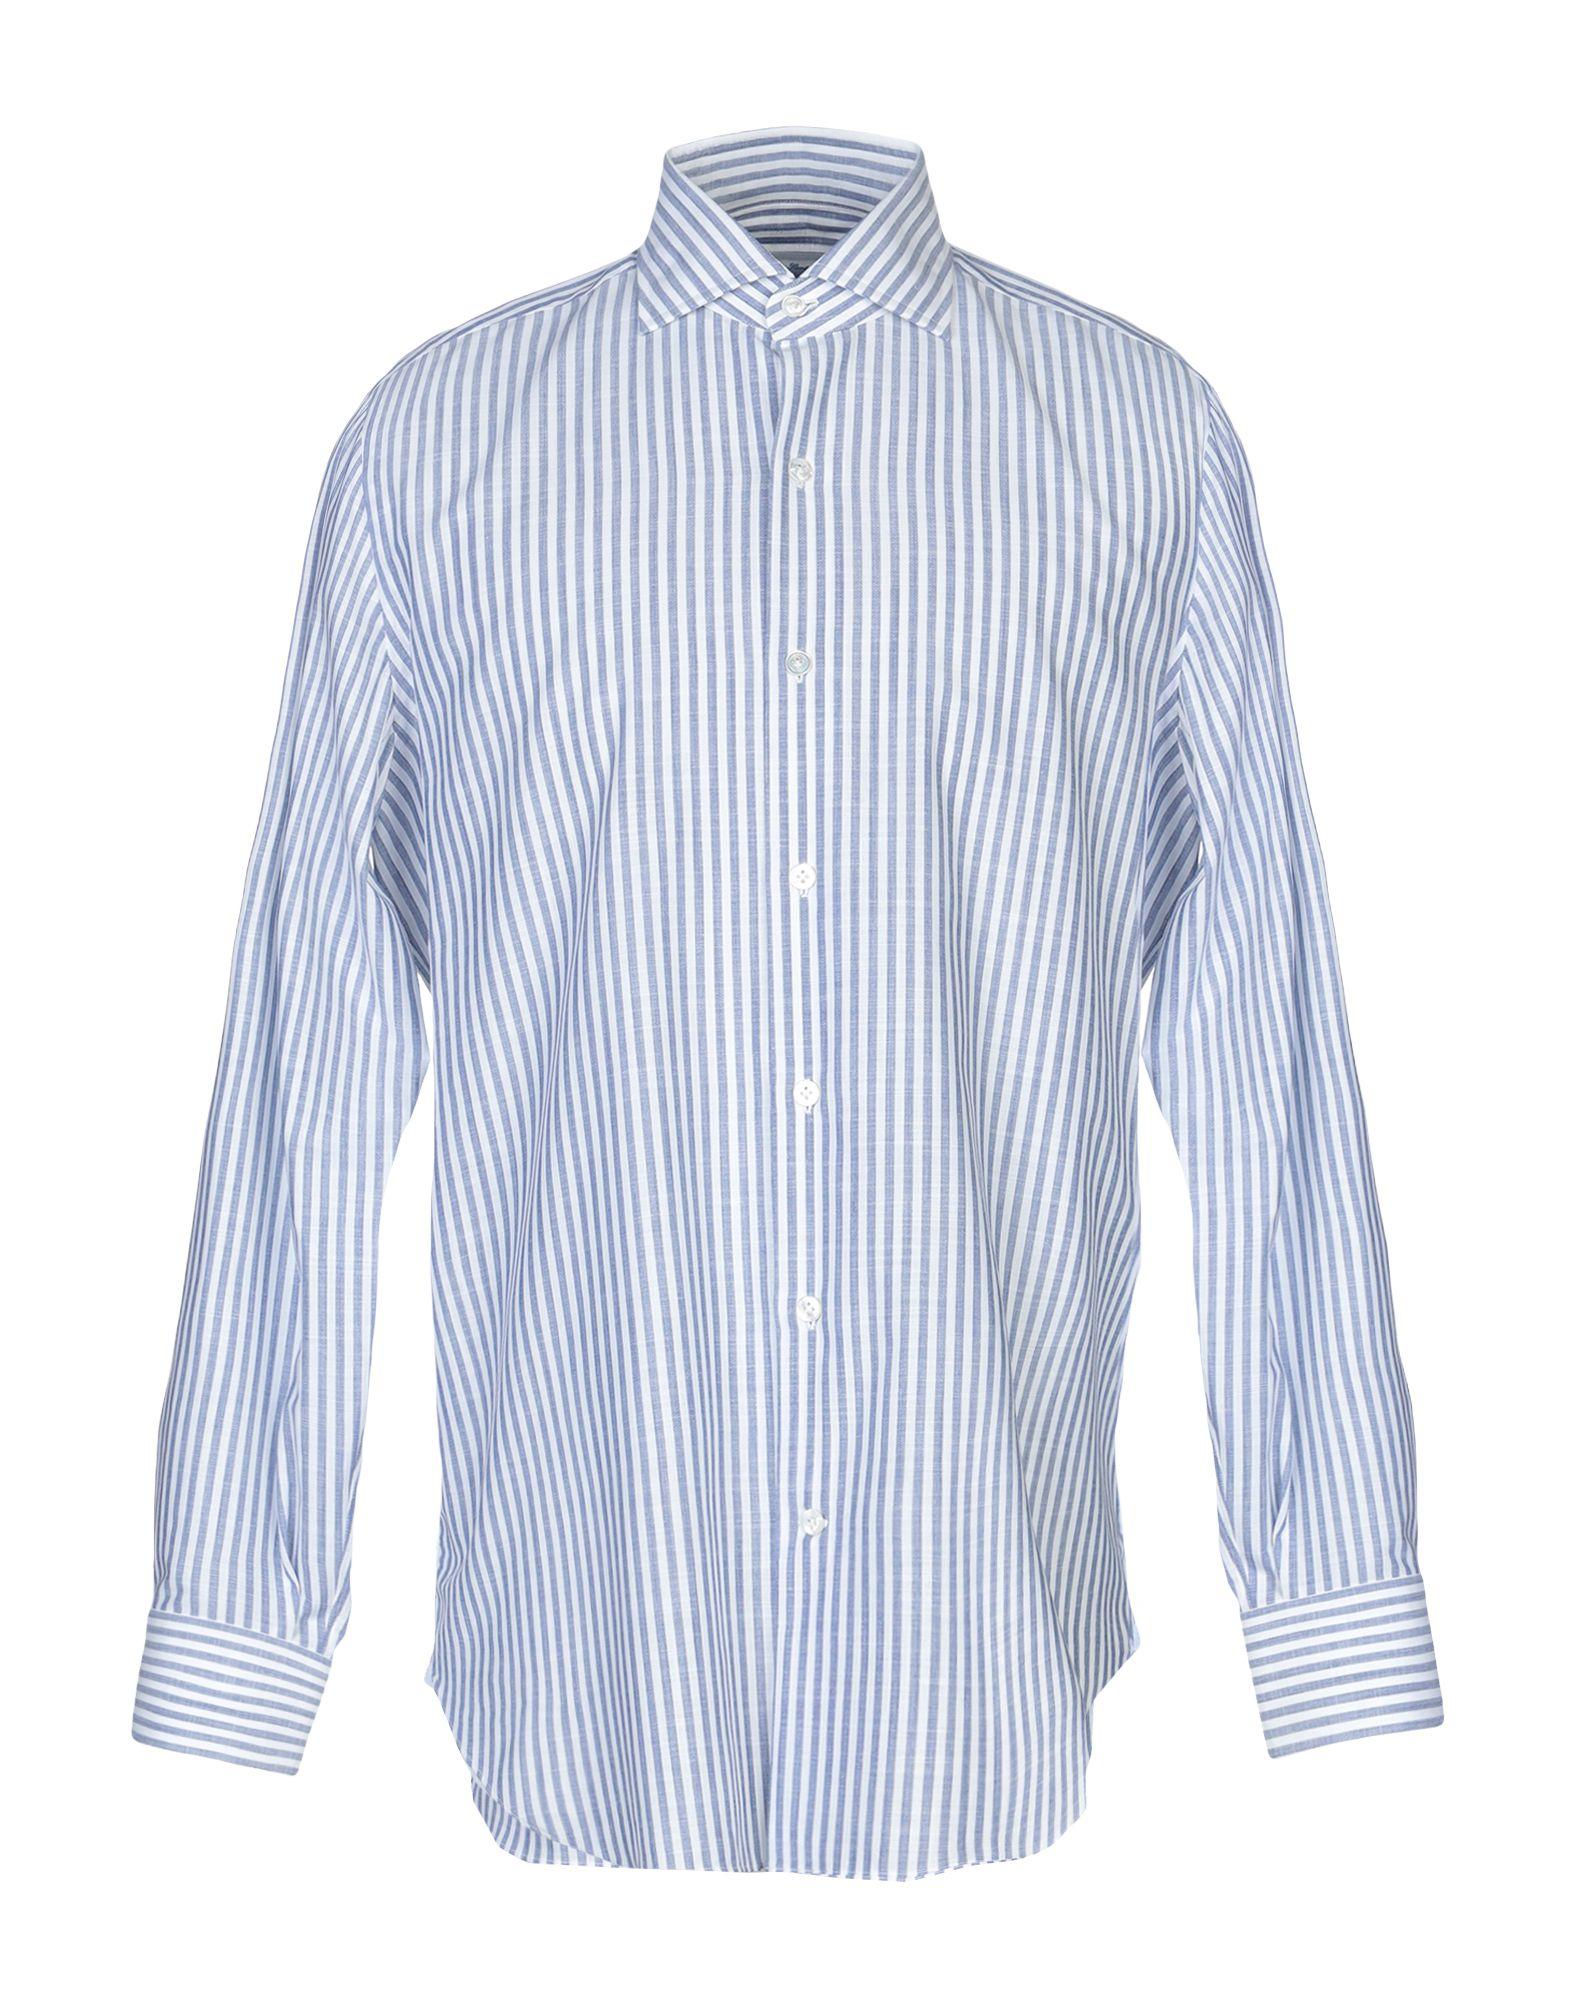 《送料無料》MARIA SANTANGELO Napoli メンズ シャツ ブルーグレー 42 コットン 100%